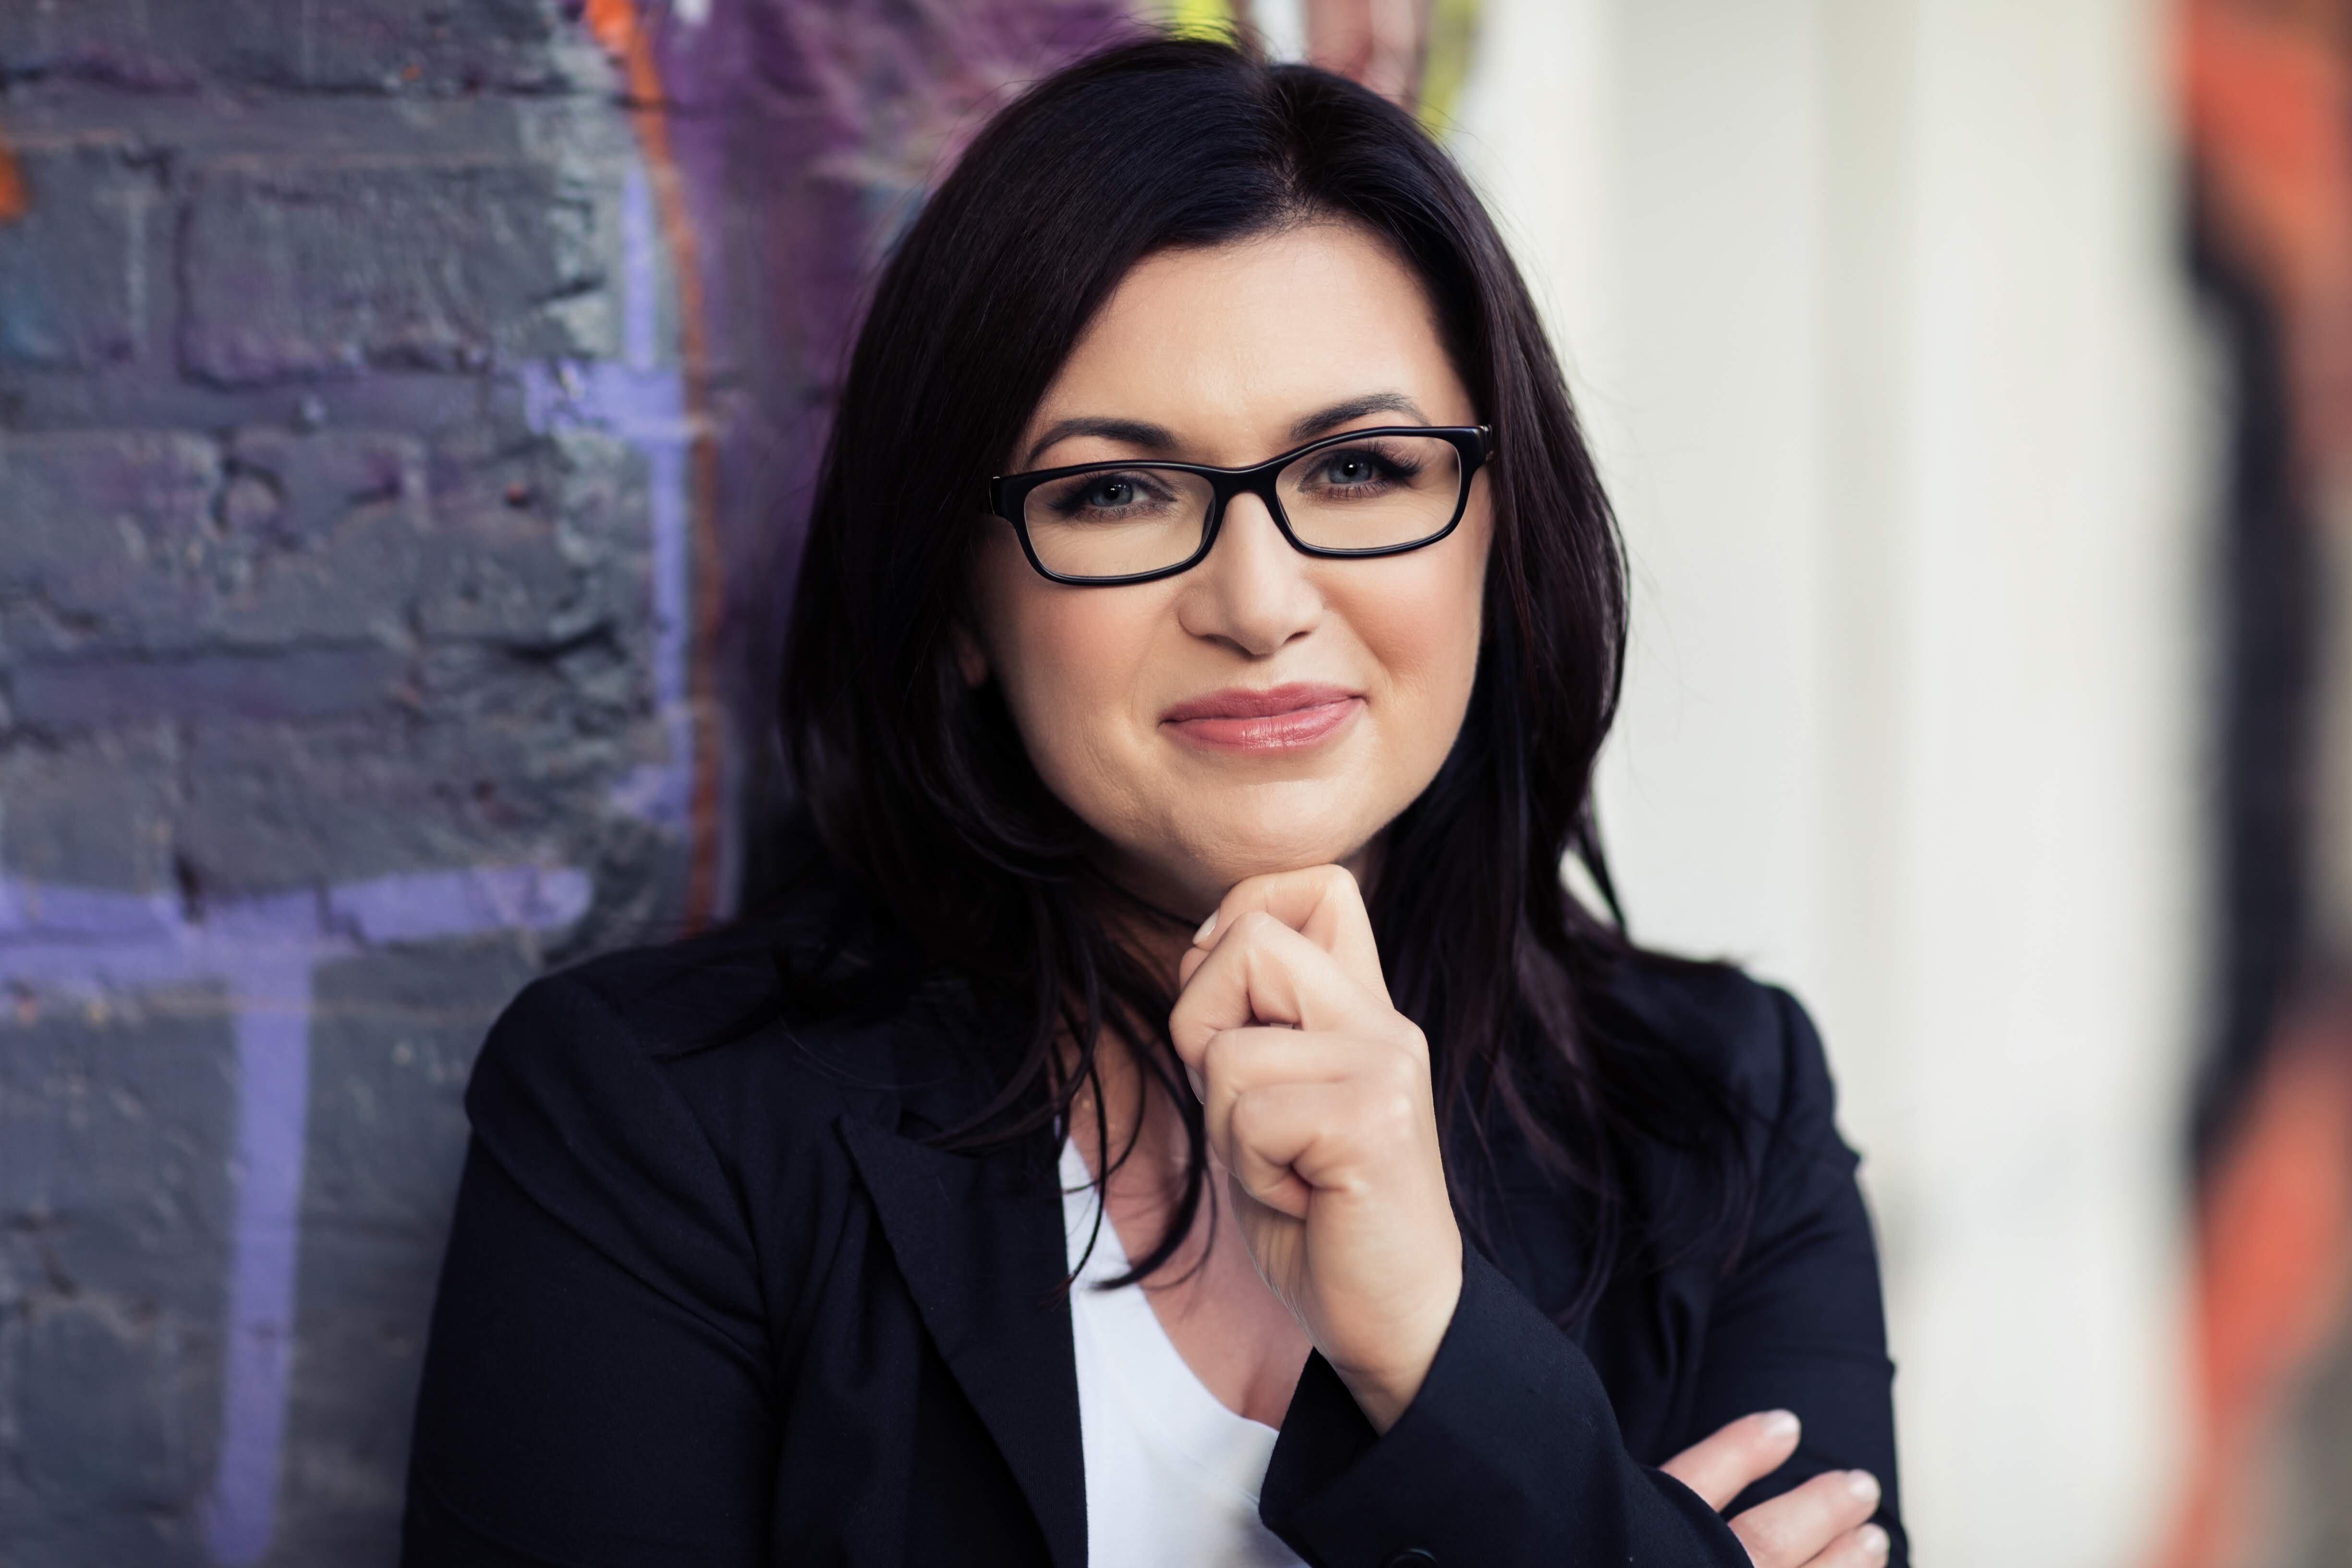 Małgorzata Jakubicz